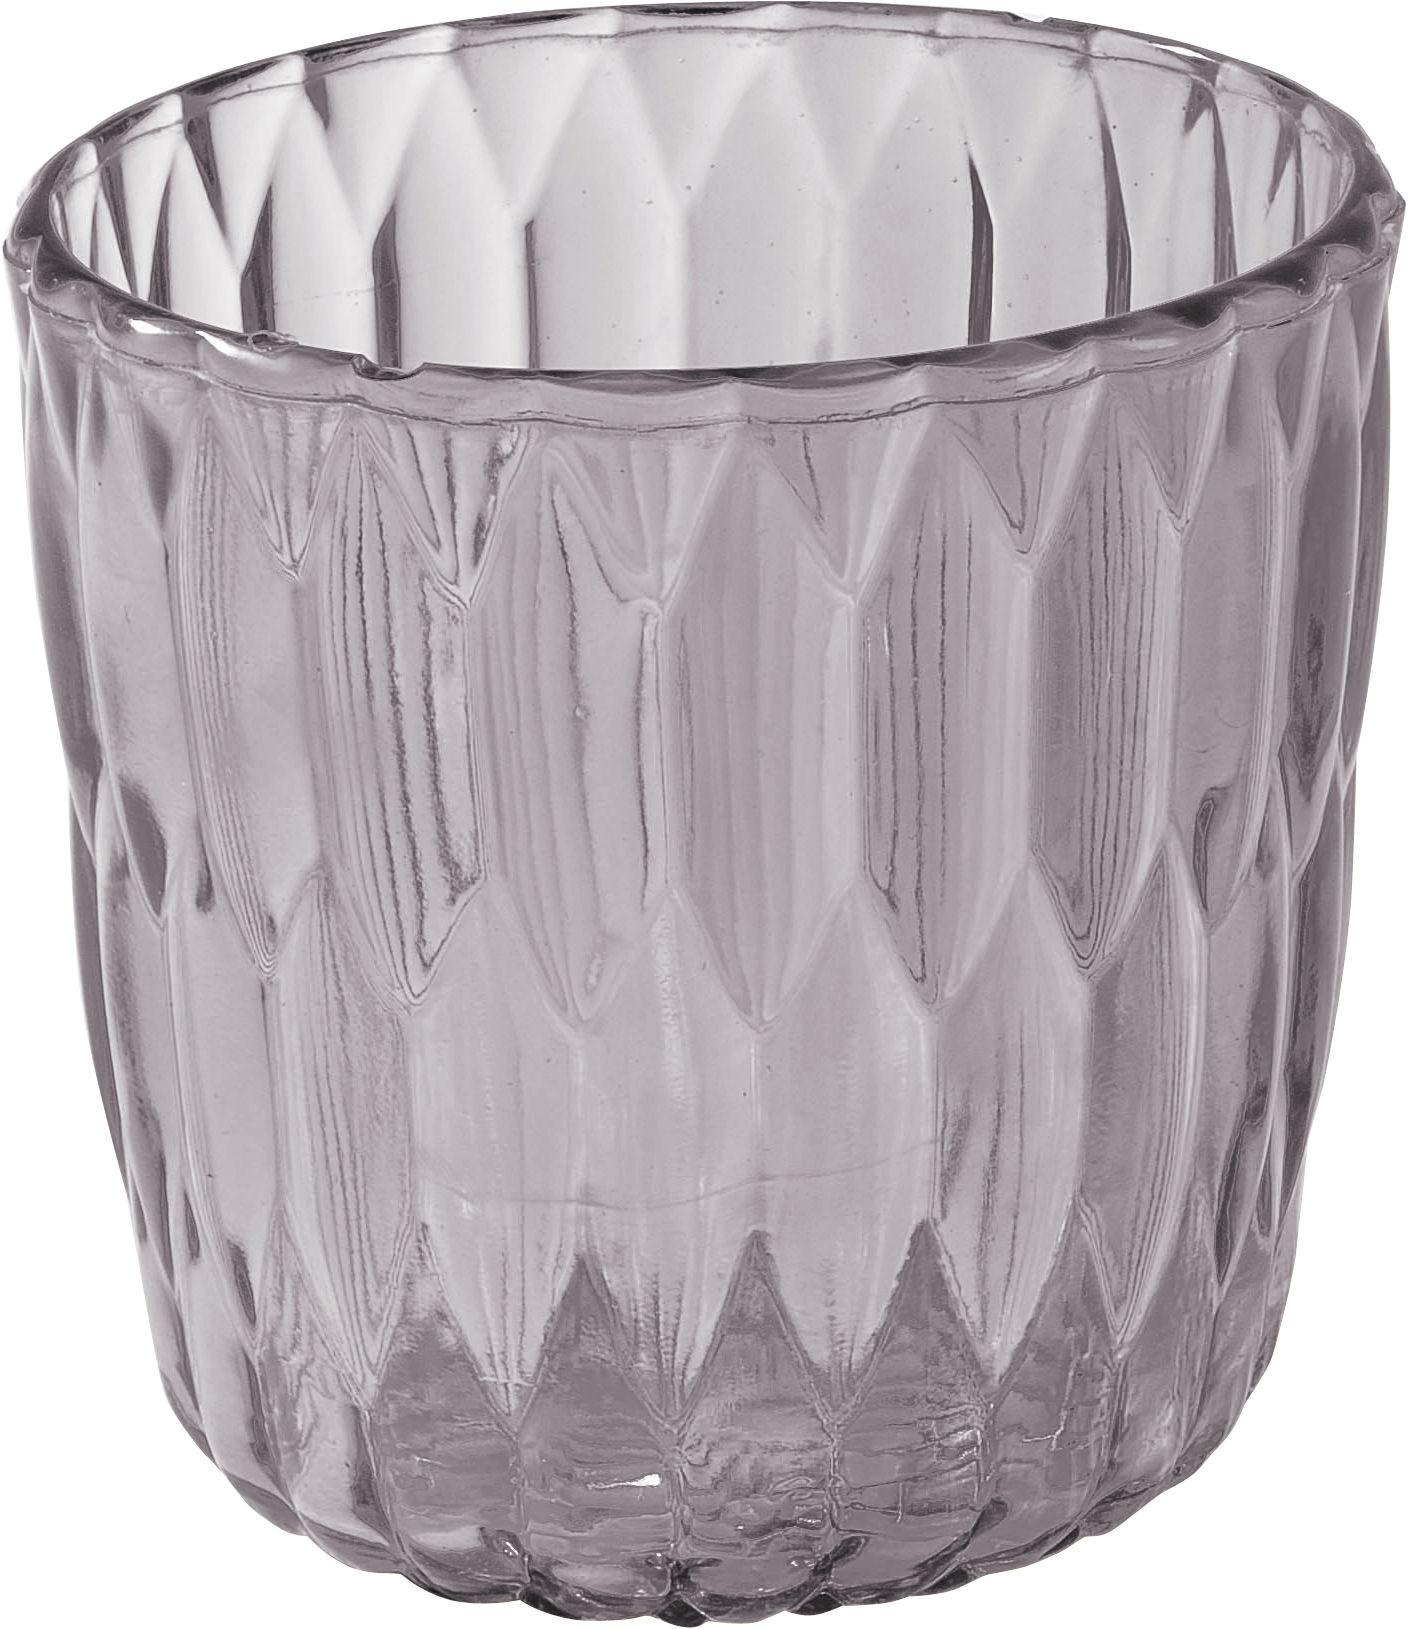 vase jelly seau glace corbeille fum transparent kartell. Black Bedroom Furniture Sets. Home Design Ideas